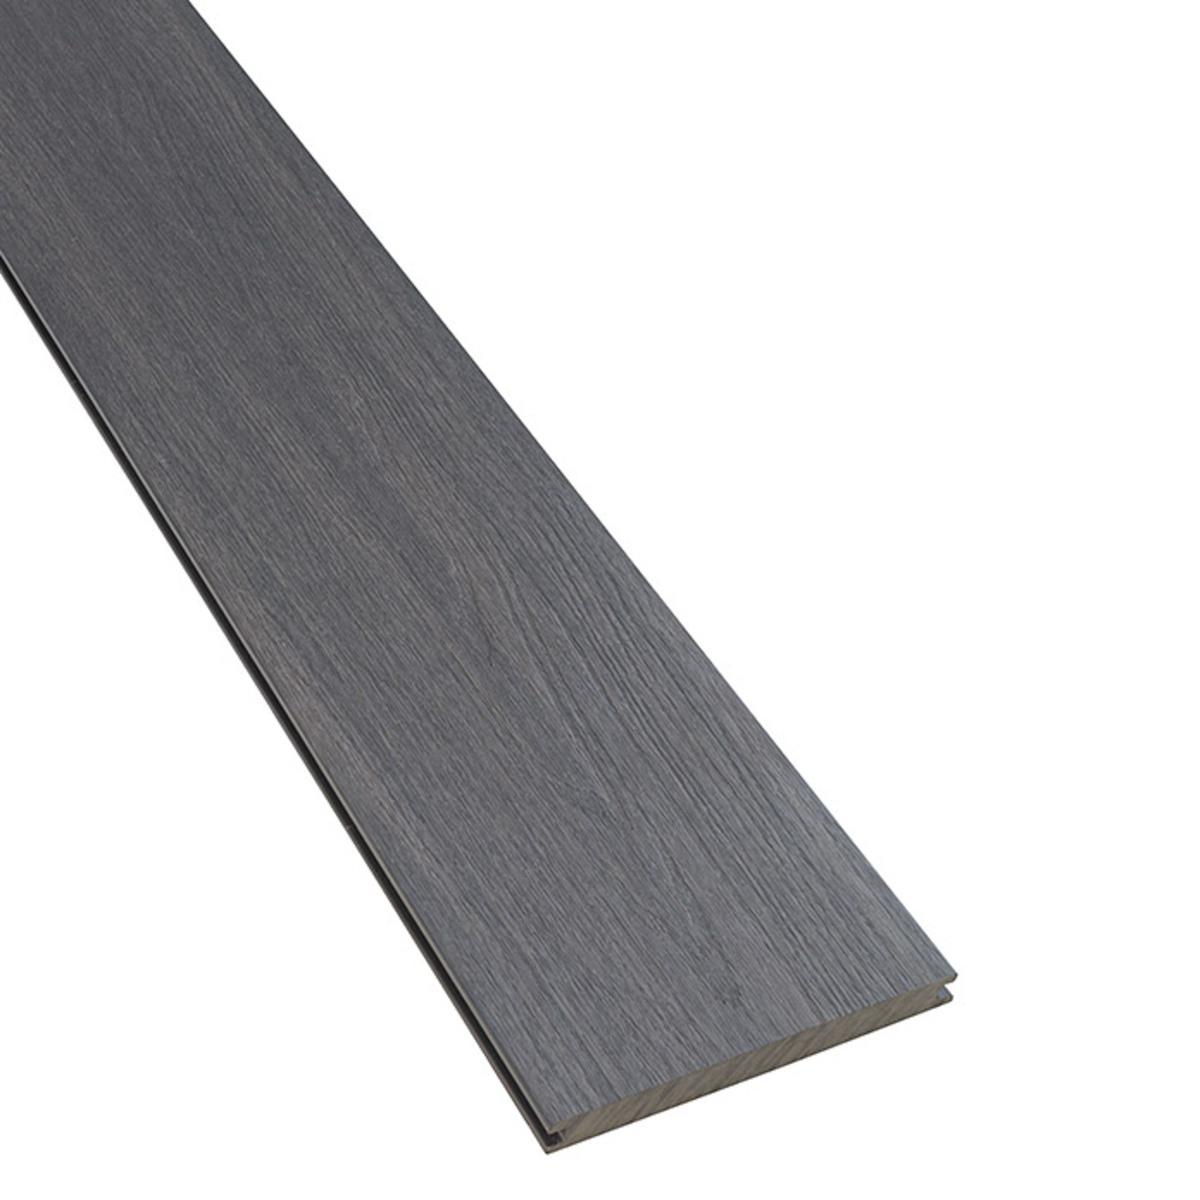 Bild 2 von b!design WPC-Terrassendiele Silver Grey